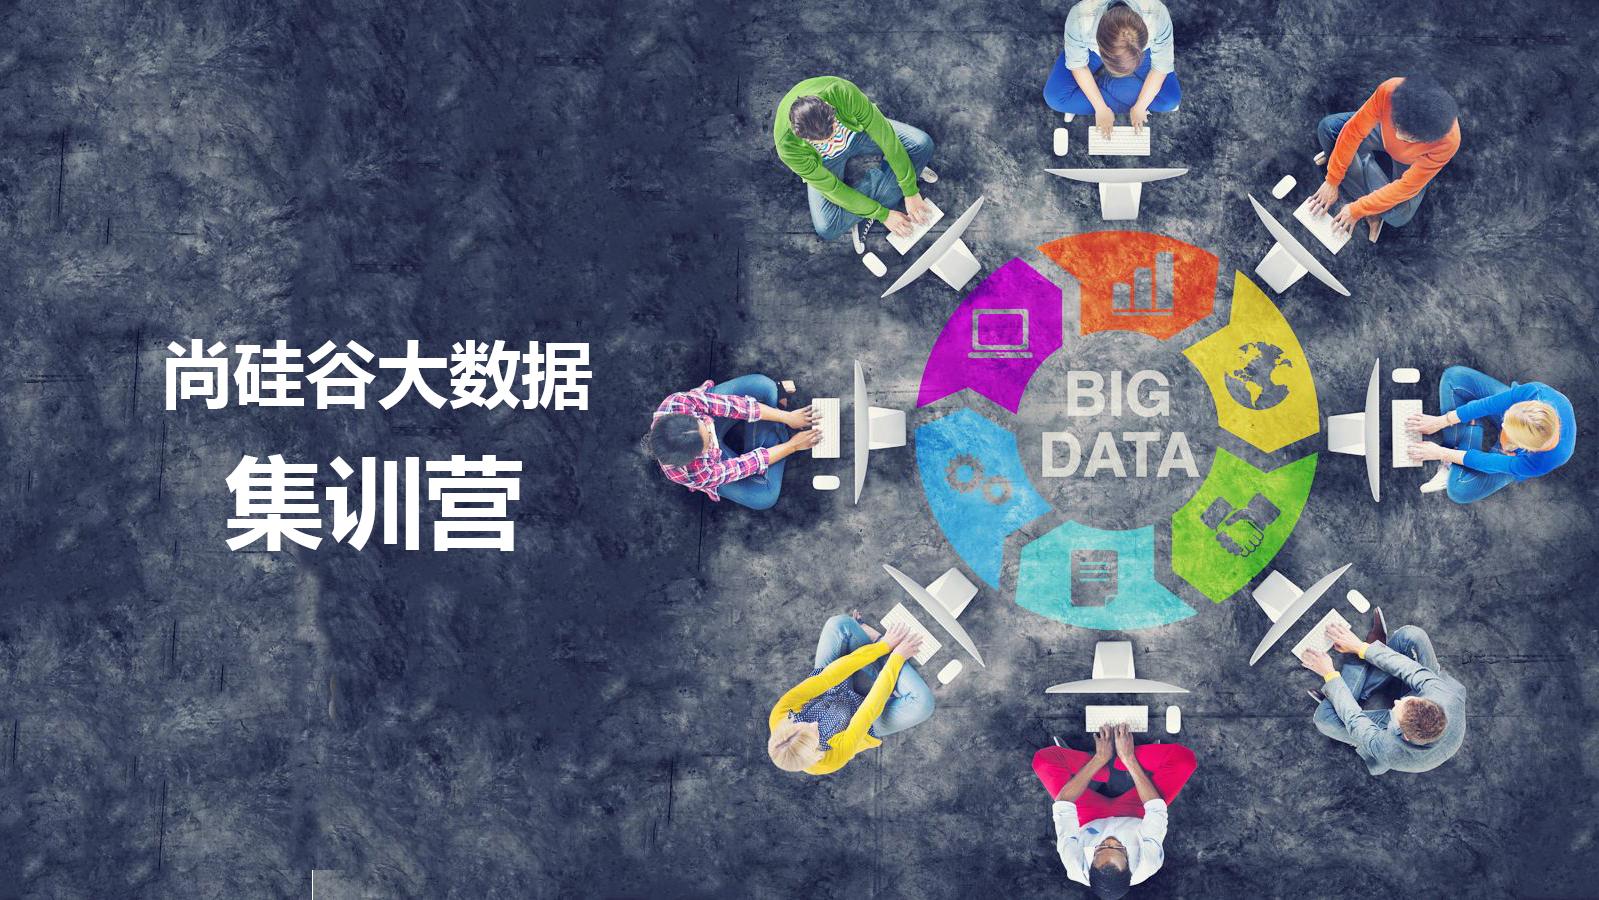 大数据培训机构